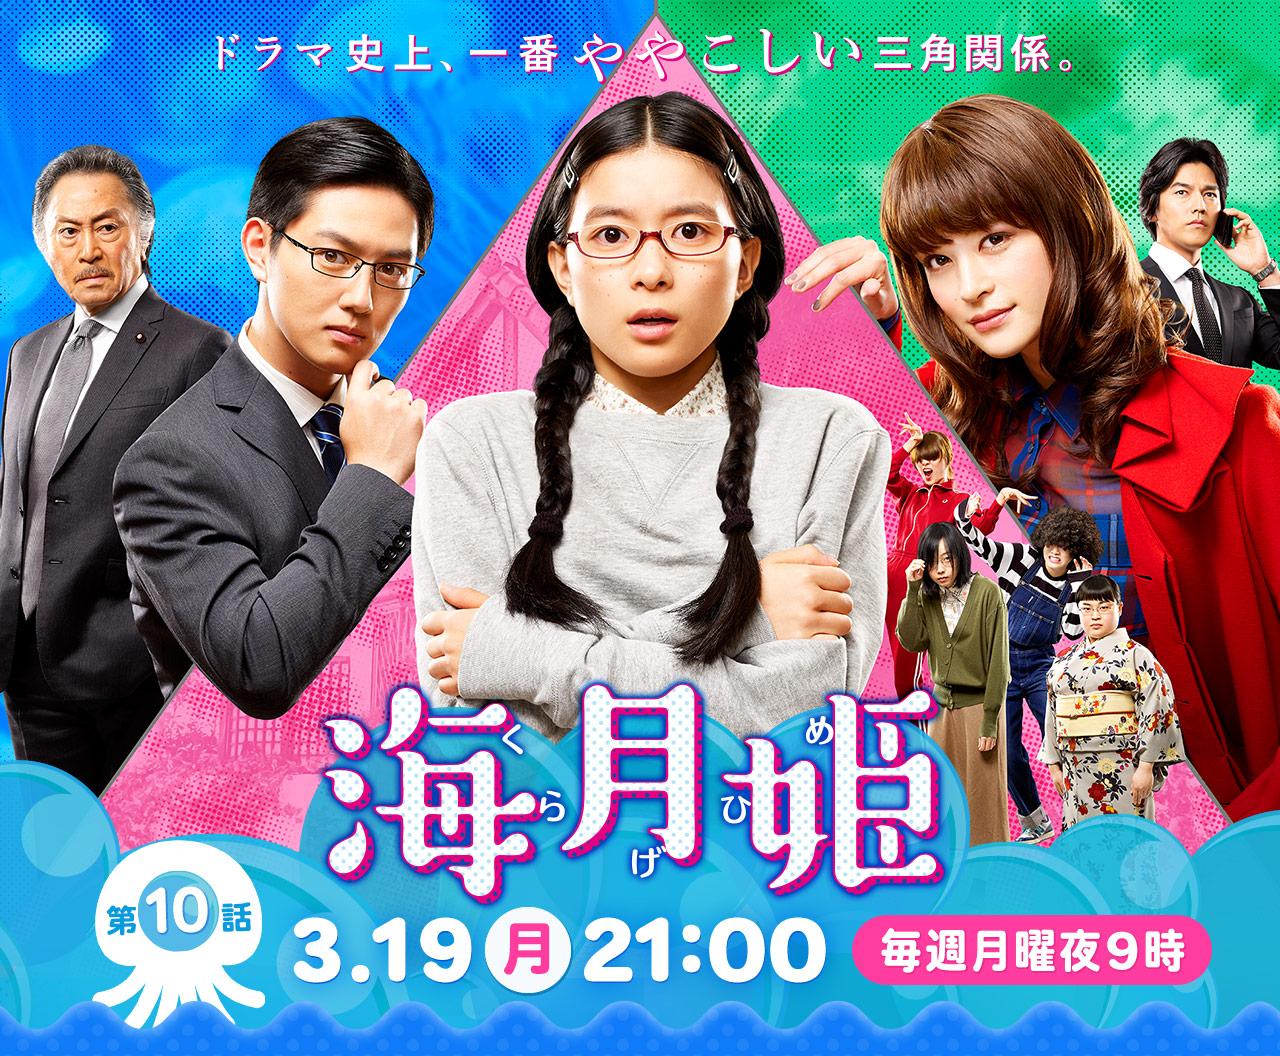 mainvisual - 芳根京子主演の新月9ドラマ『海月姫』以外にも映画版、アニメ版も無料で見れます!